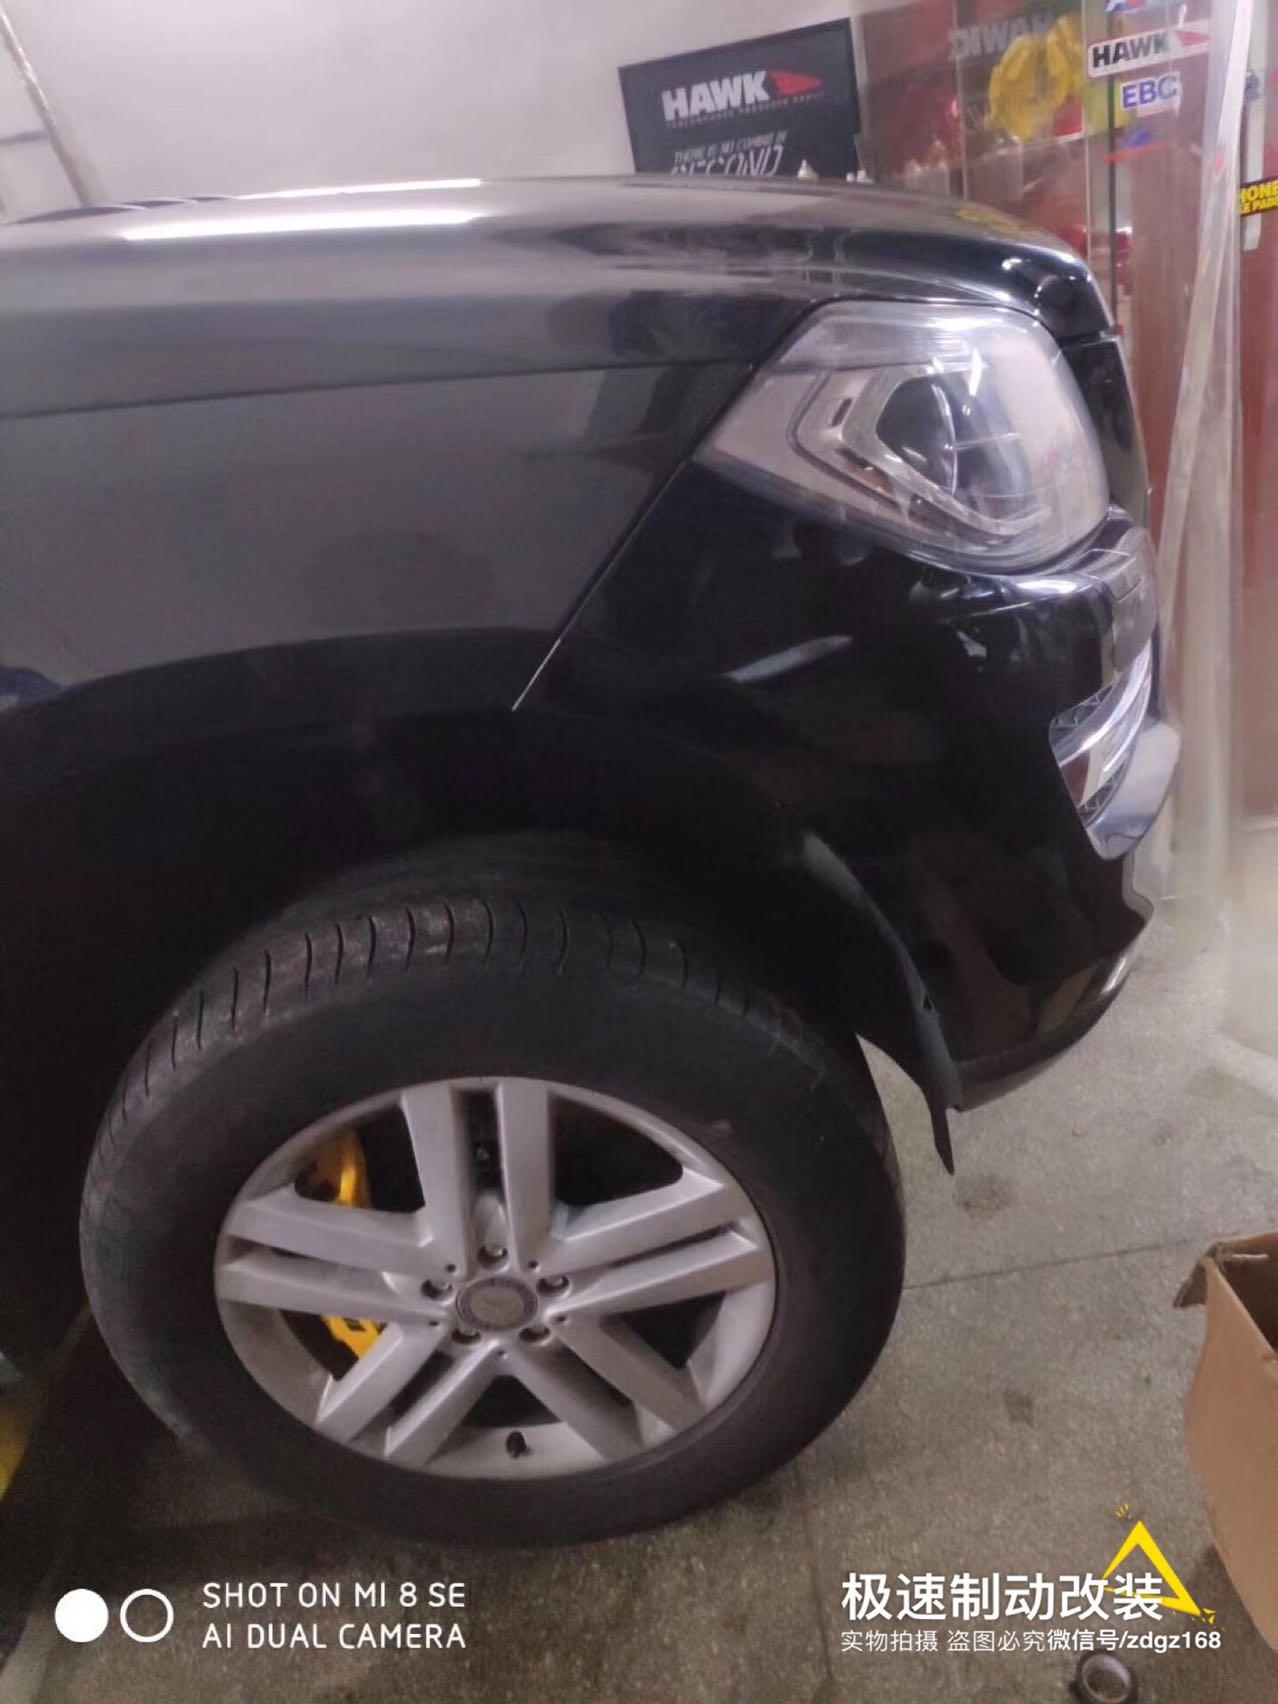 奔驰GL400刹车升级AMG前六后四+1刹车套装!后轮双卡钳安装、原位装车